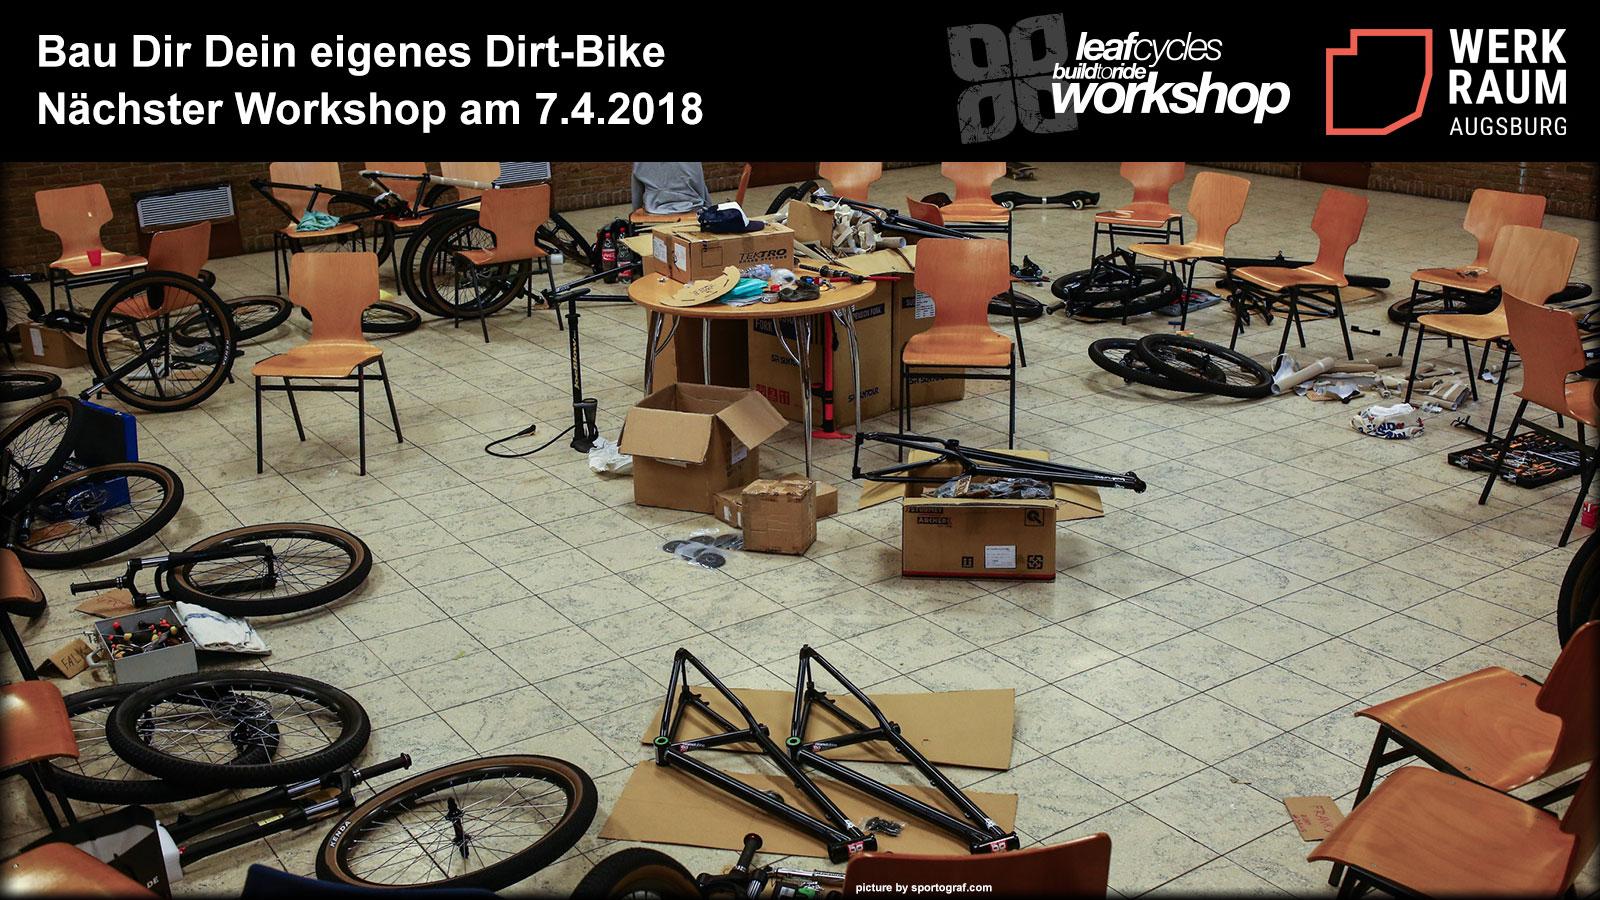 leafcycles-workshop-dirtbike-aufbau-kurs